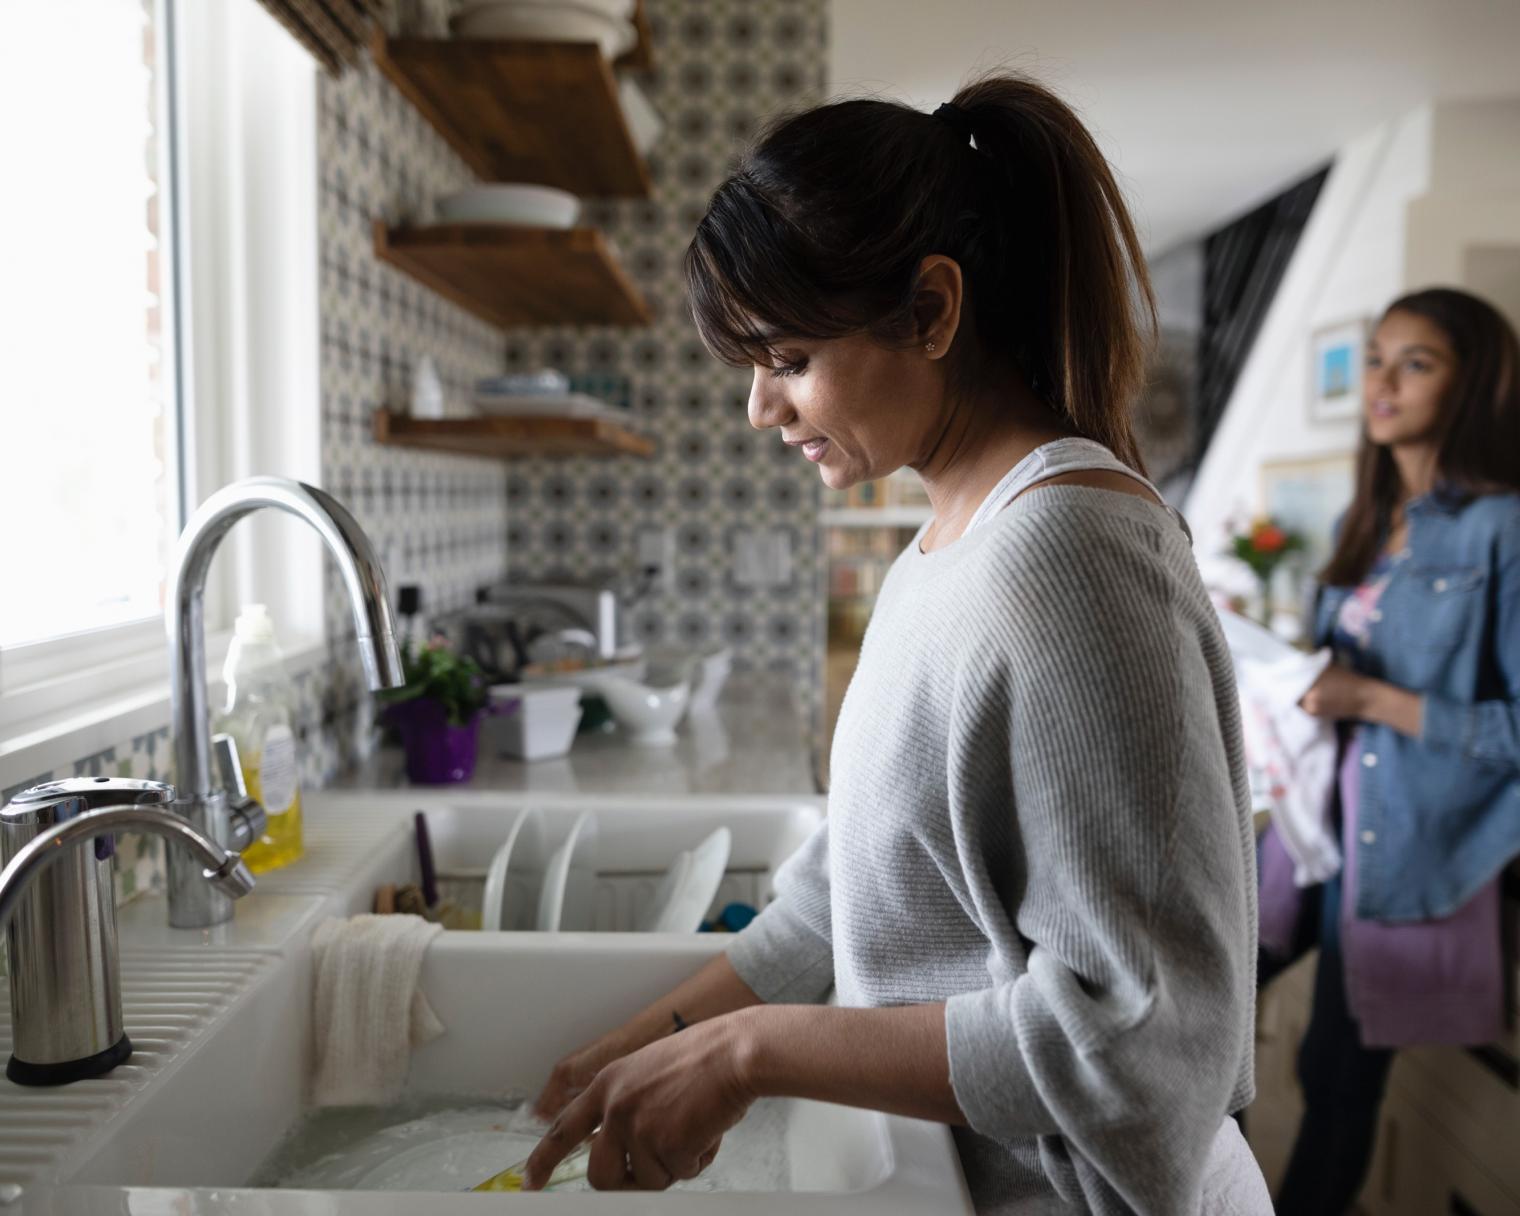 Frau mit Tochter beim Abspülen